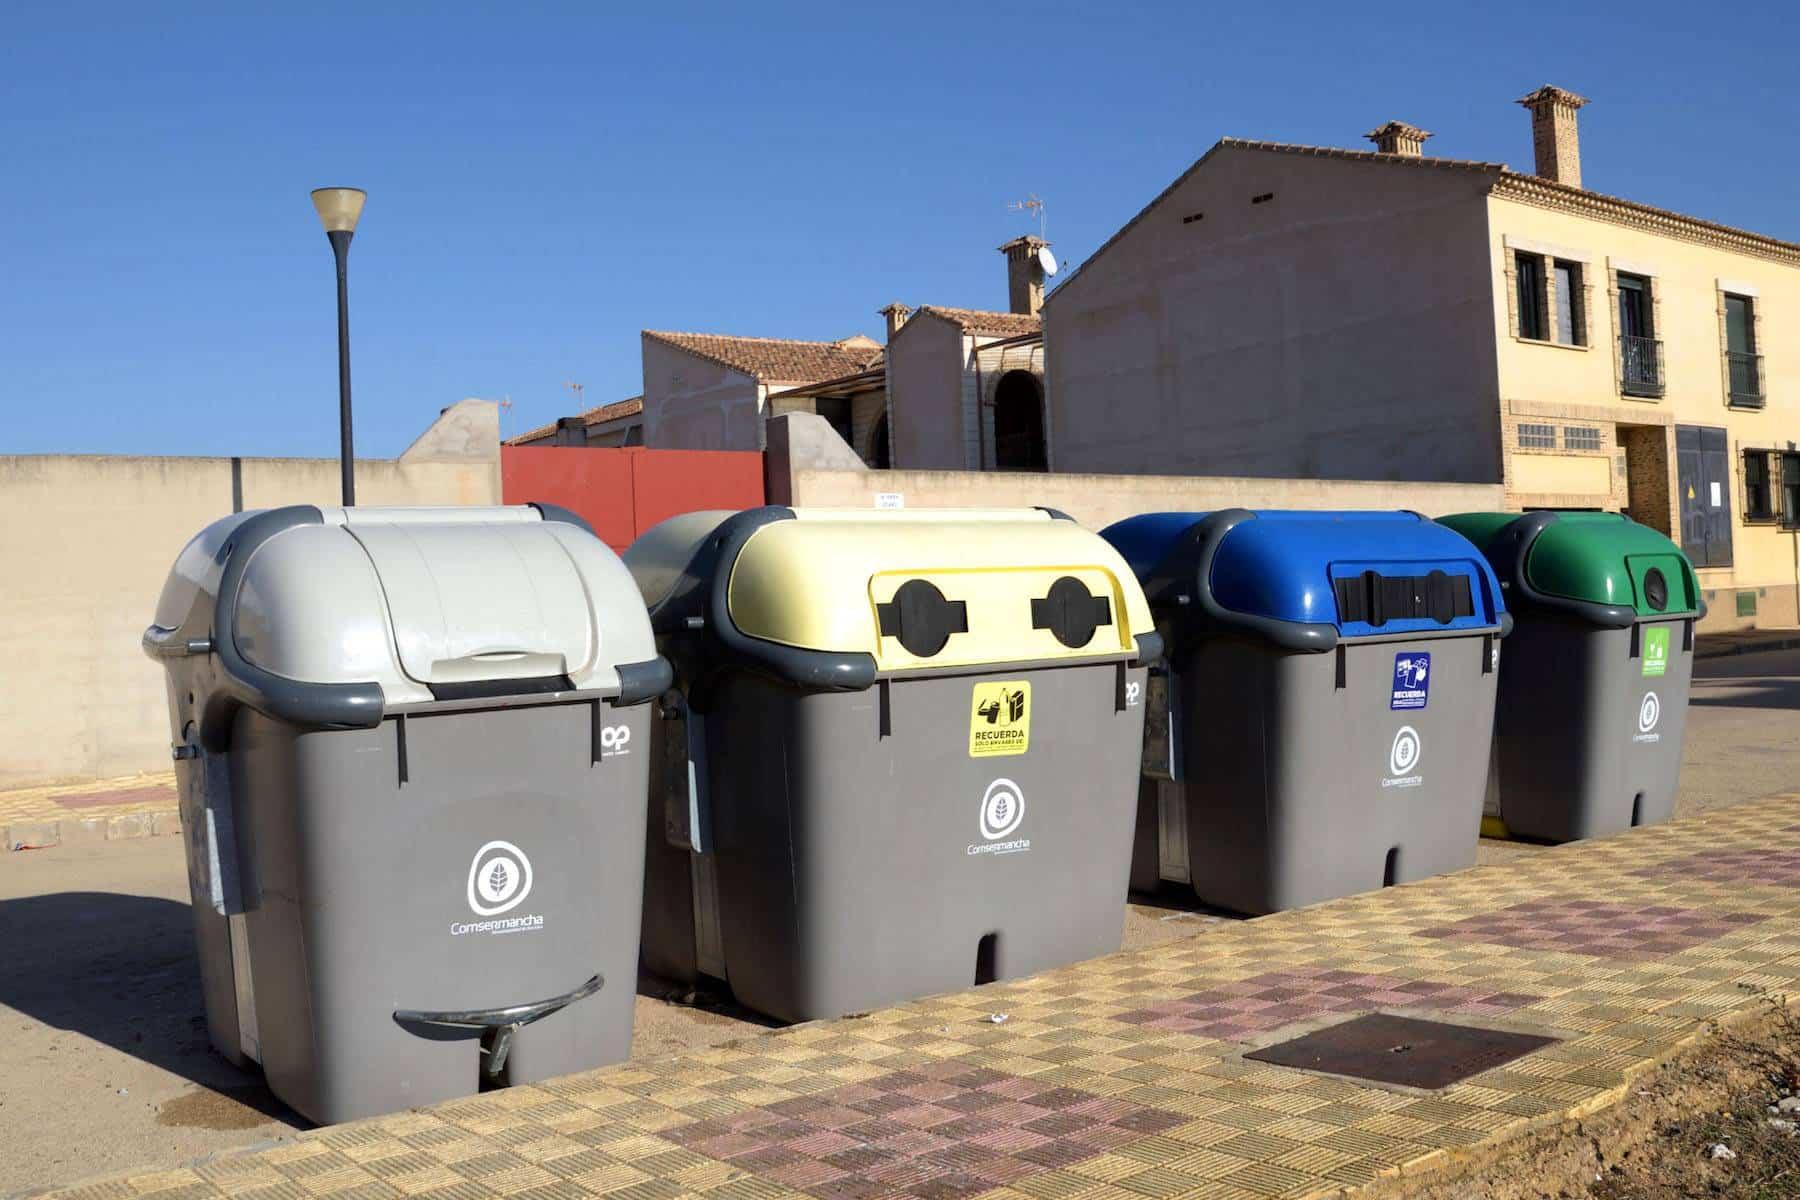 cenizas contenedores - La línea amarilla aumentará su presencia en los municipios de Comsermancha con 144 nuevos contenedores